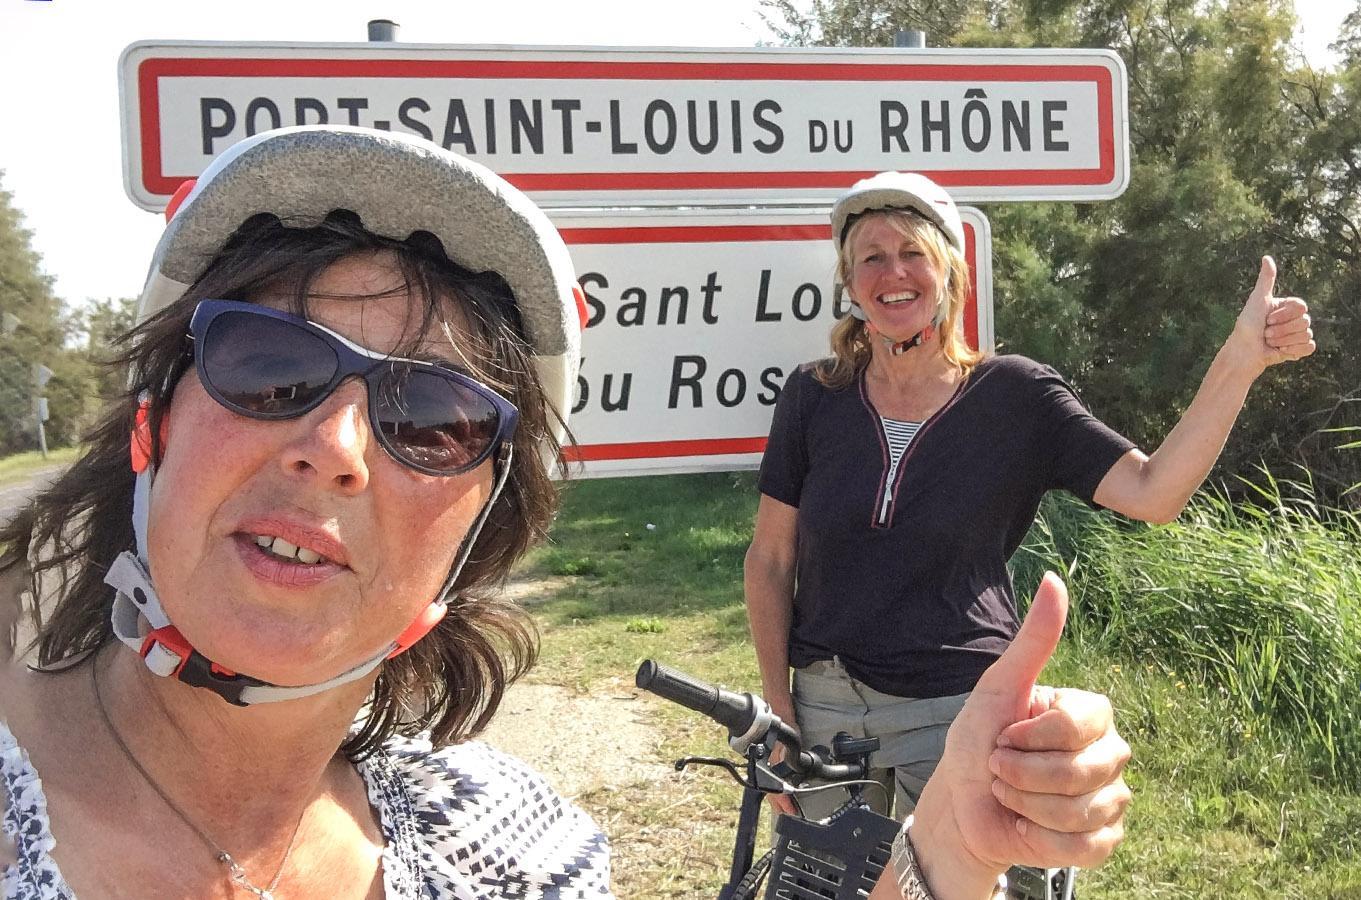 ViaRhôna: angekommen im Zielort: Port Saint-Louis-du-Rhône. Foto: Hilke Maunder